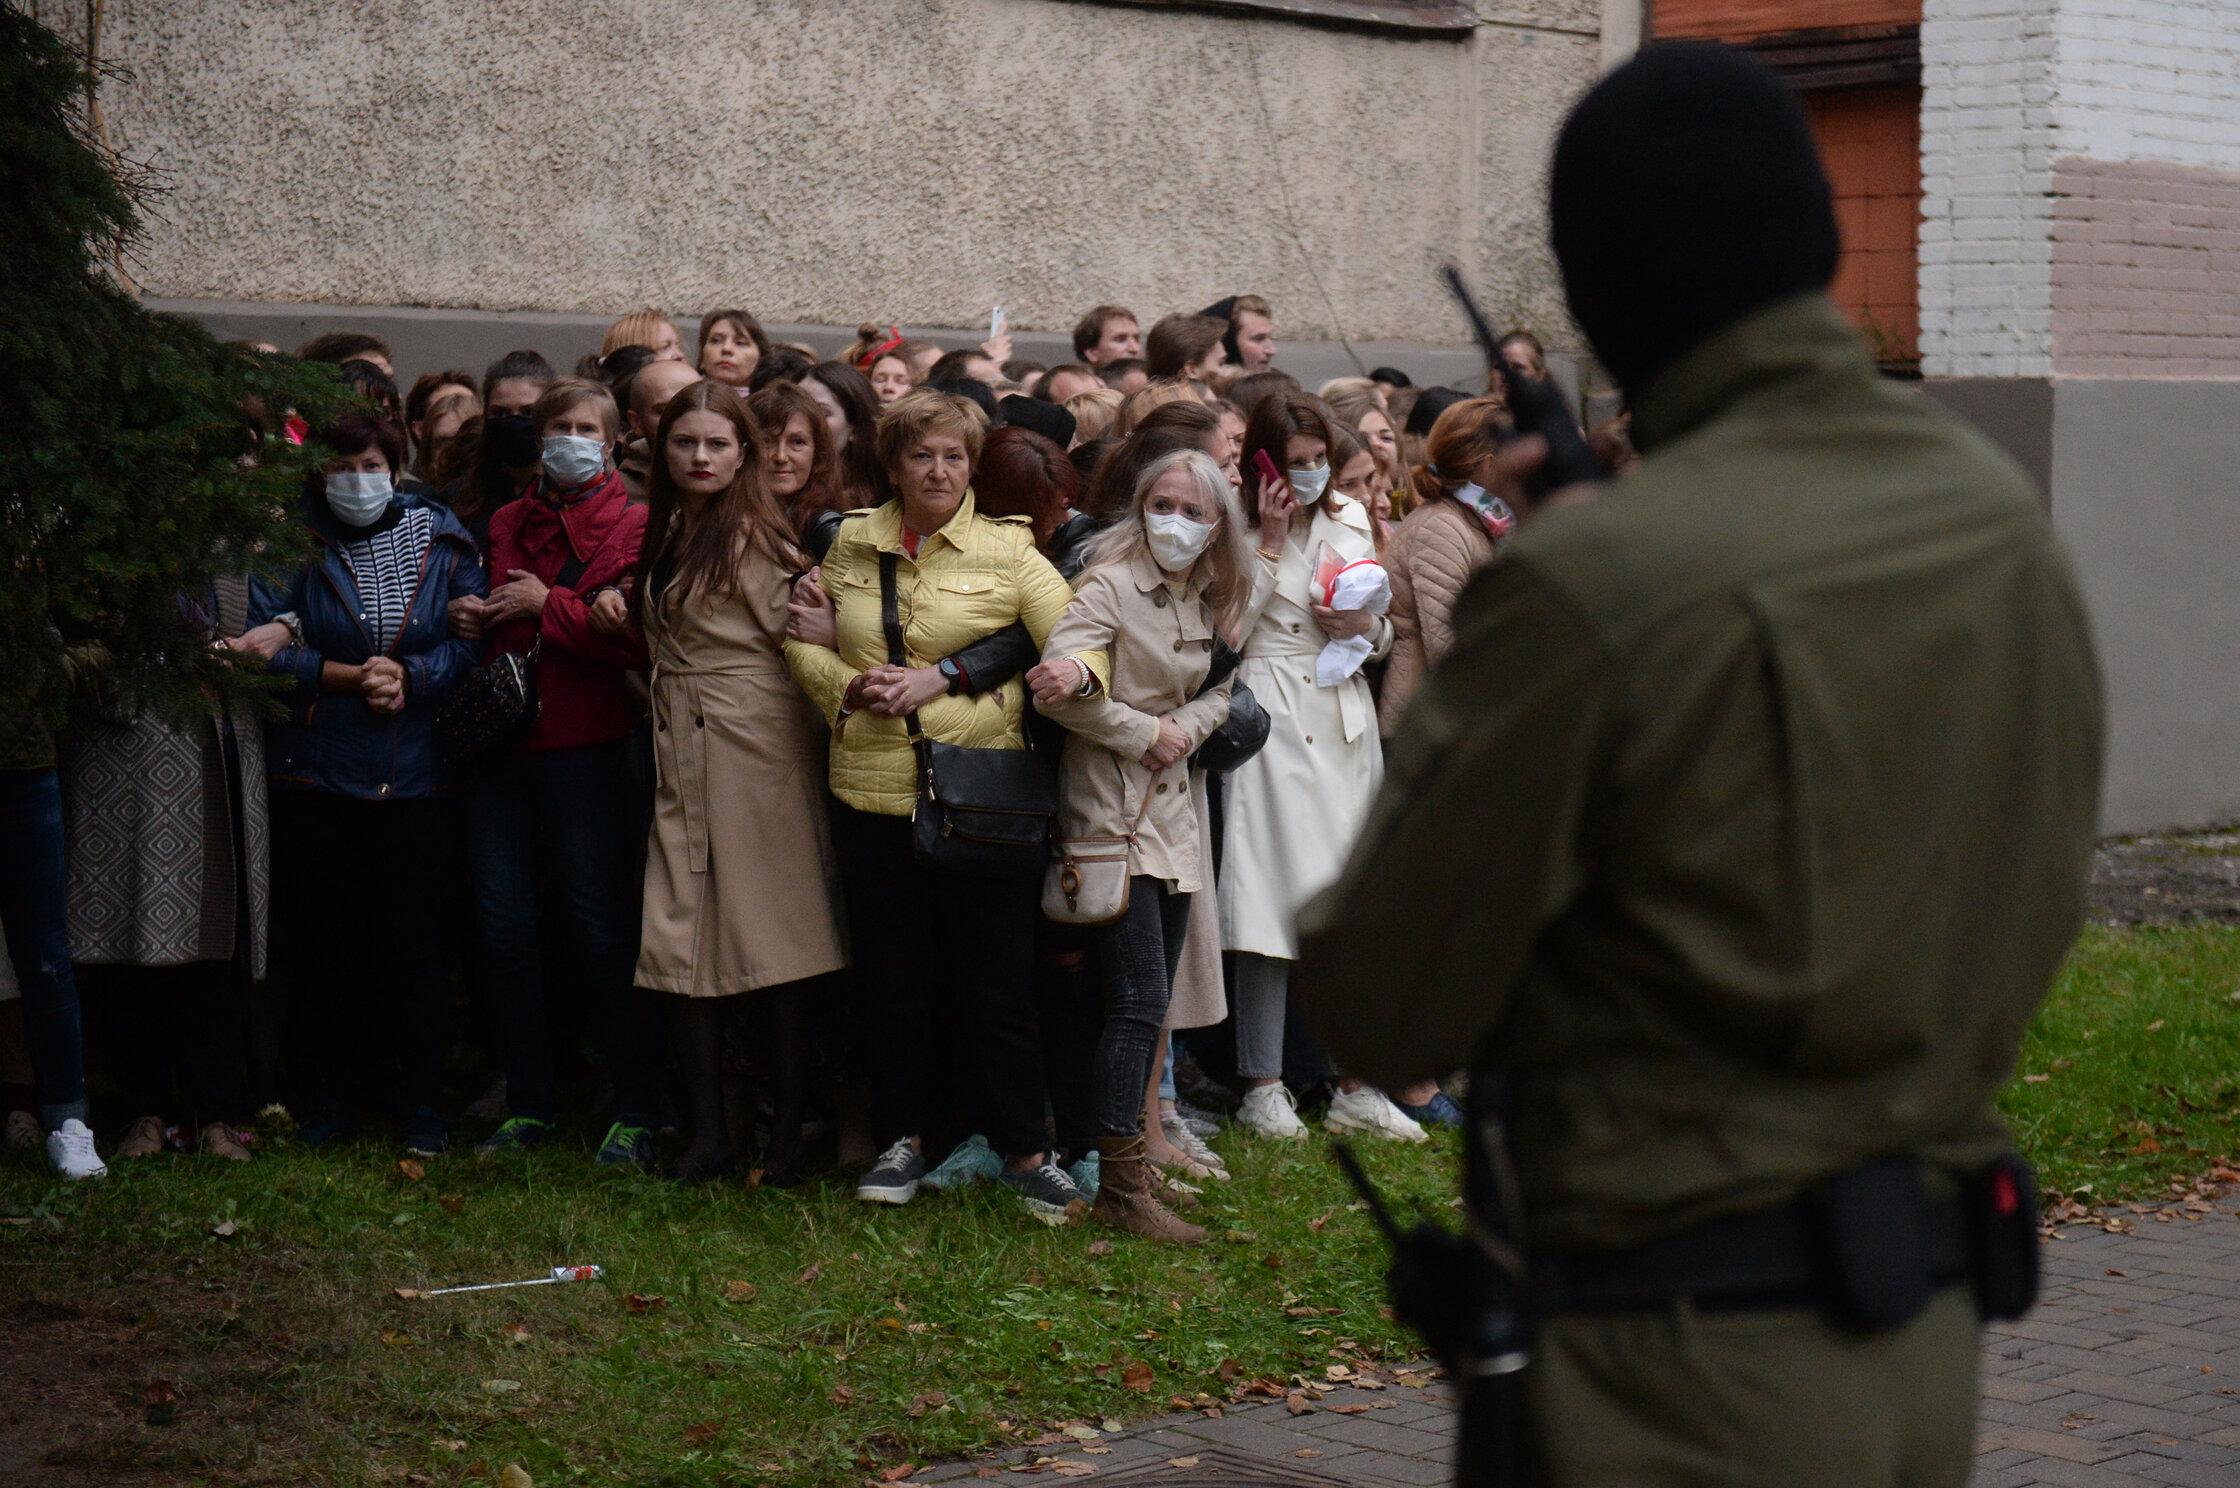 Белорусские женщины выстроились вживую цепь, сопротивлясь попыткам силовиков провести задержания. Акция проводилась вподдержку одного излидеров оппозиции Марии Колесниковой. Многие женщины пришли сдетьми, но это непомешало правоохранителям действовать довольно жестко.